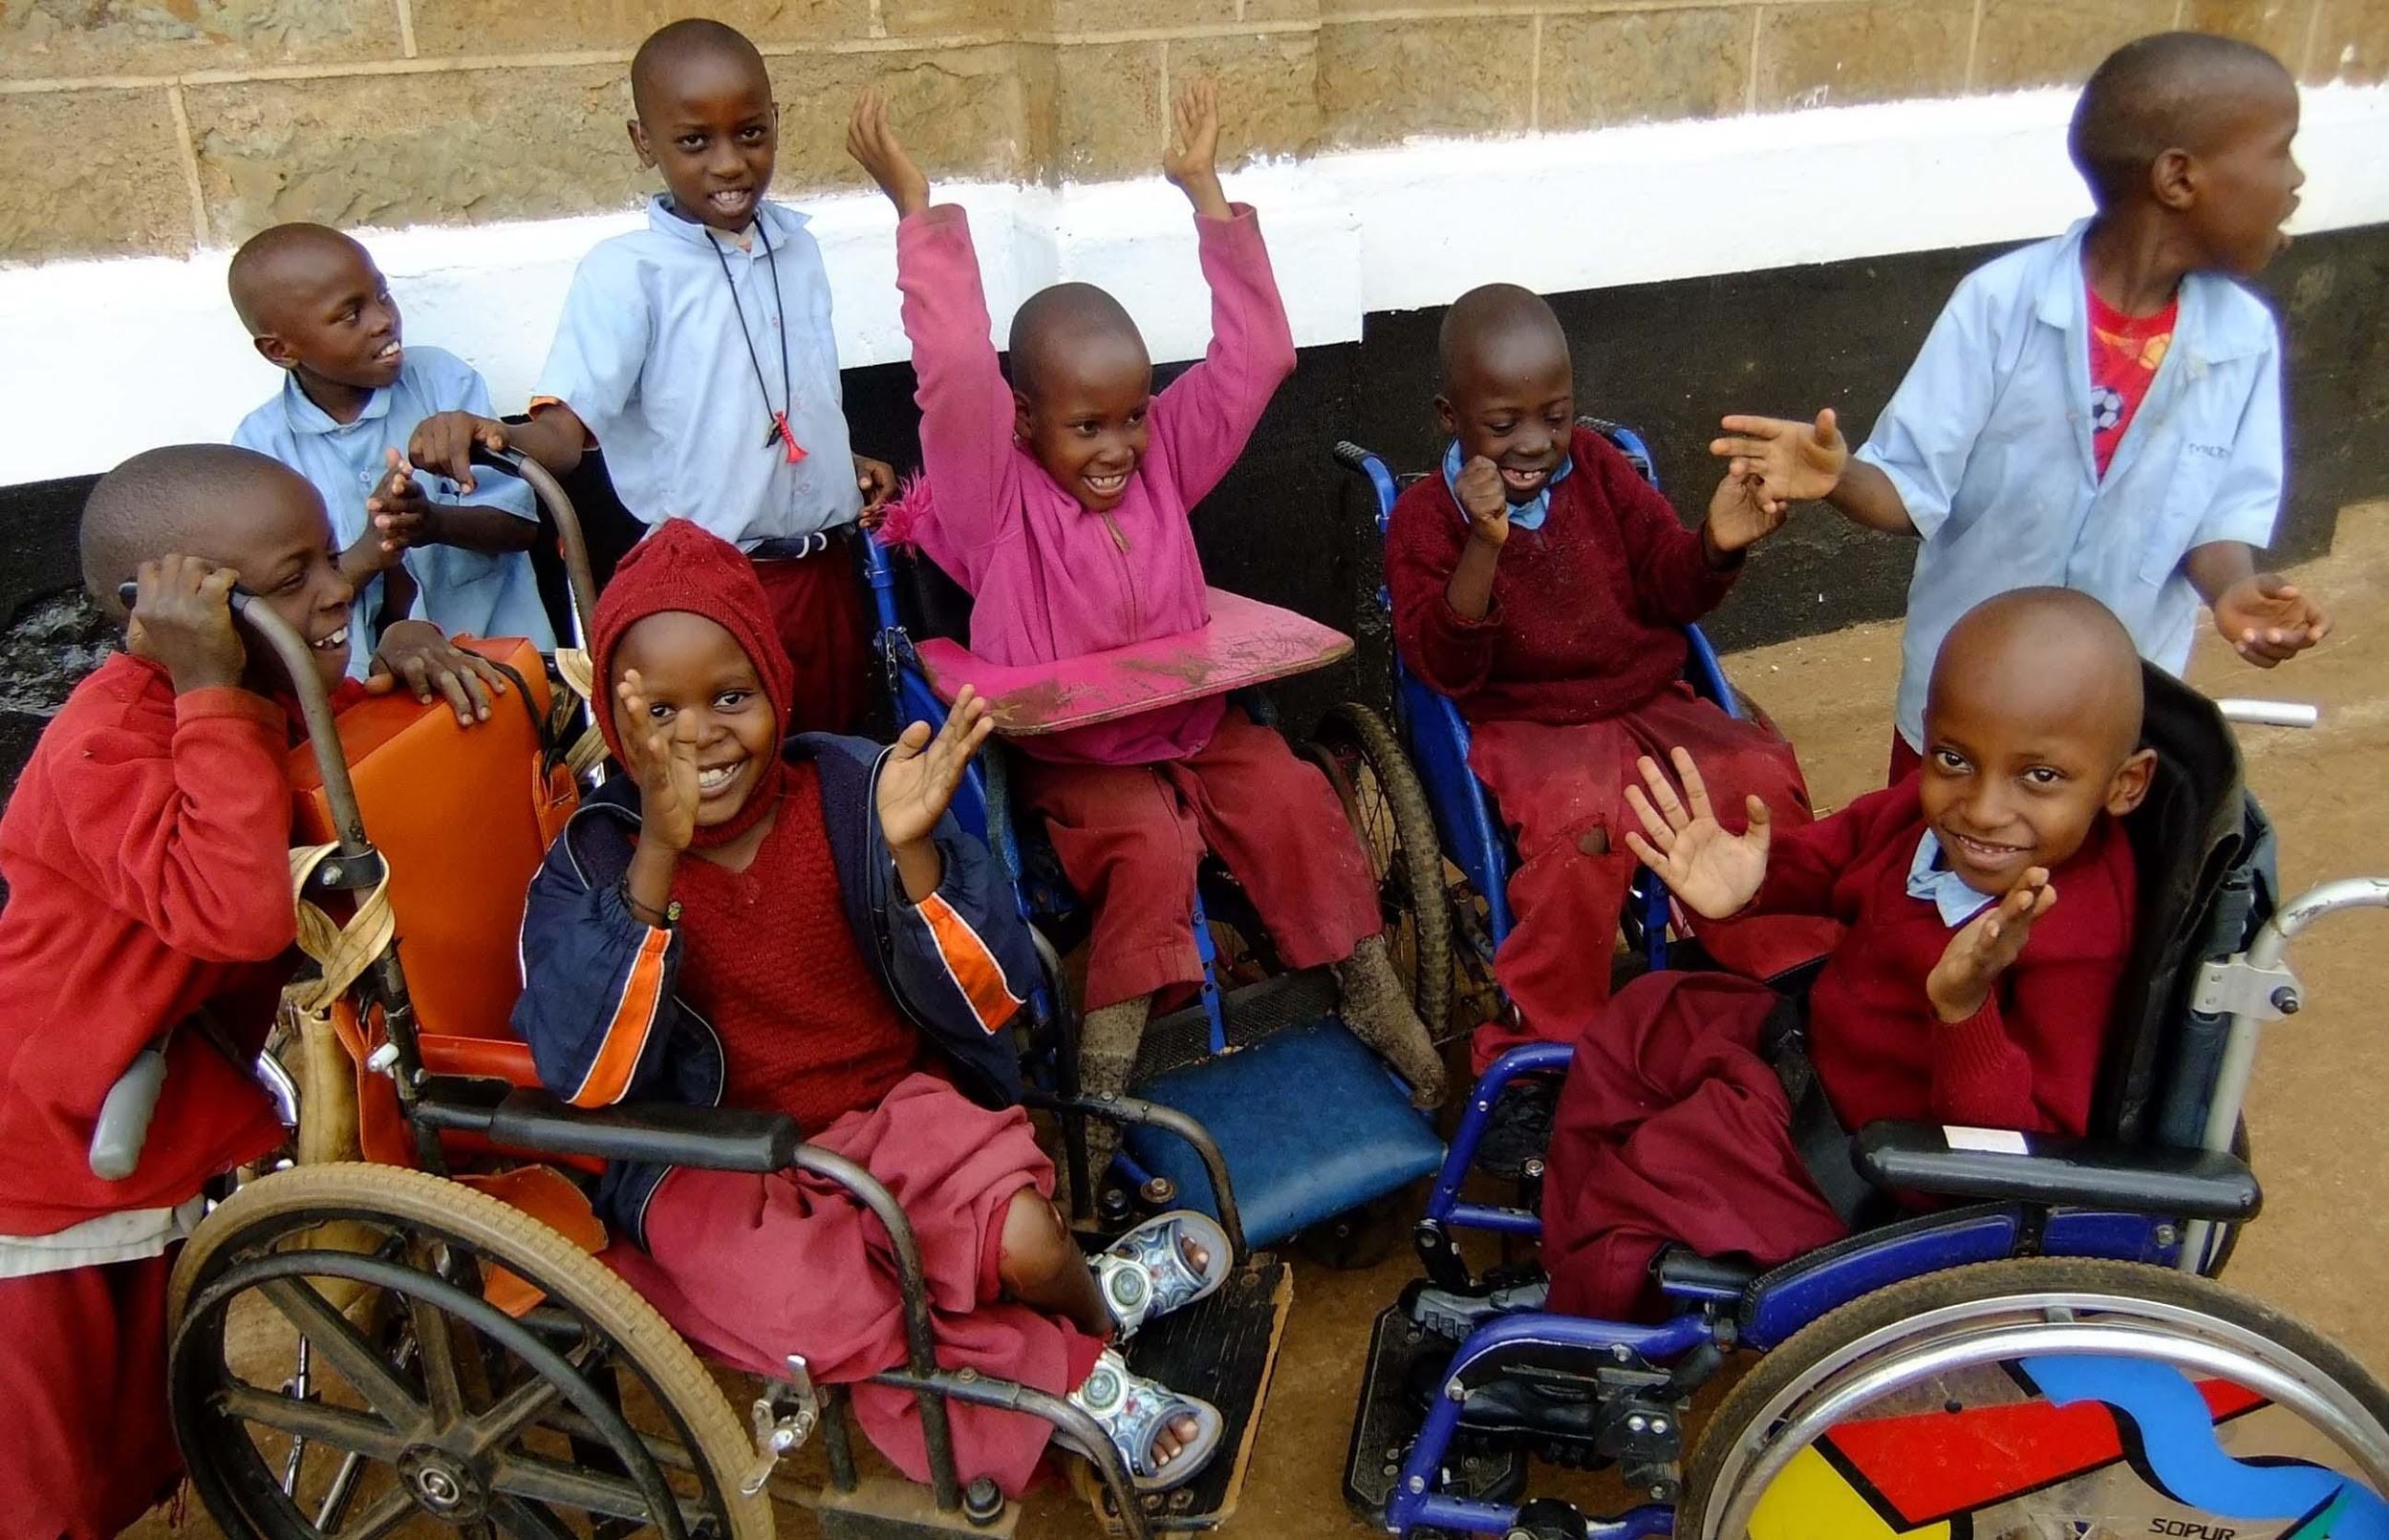 Happy children in wheelchairs